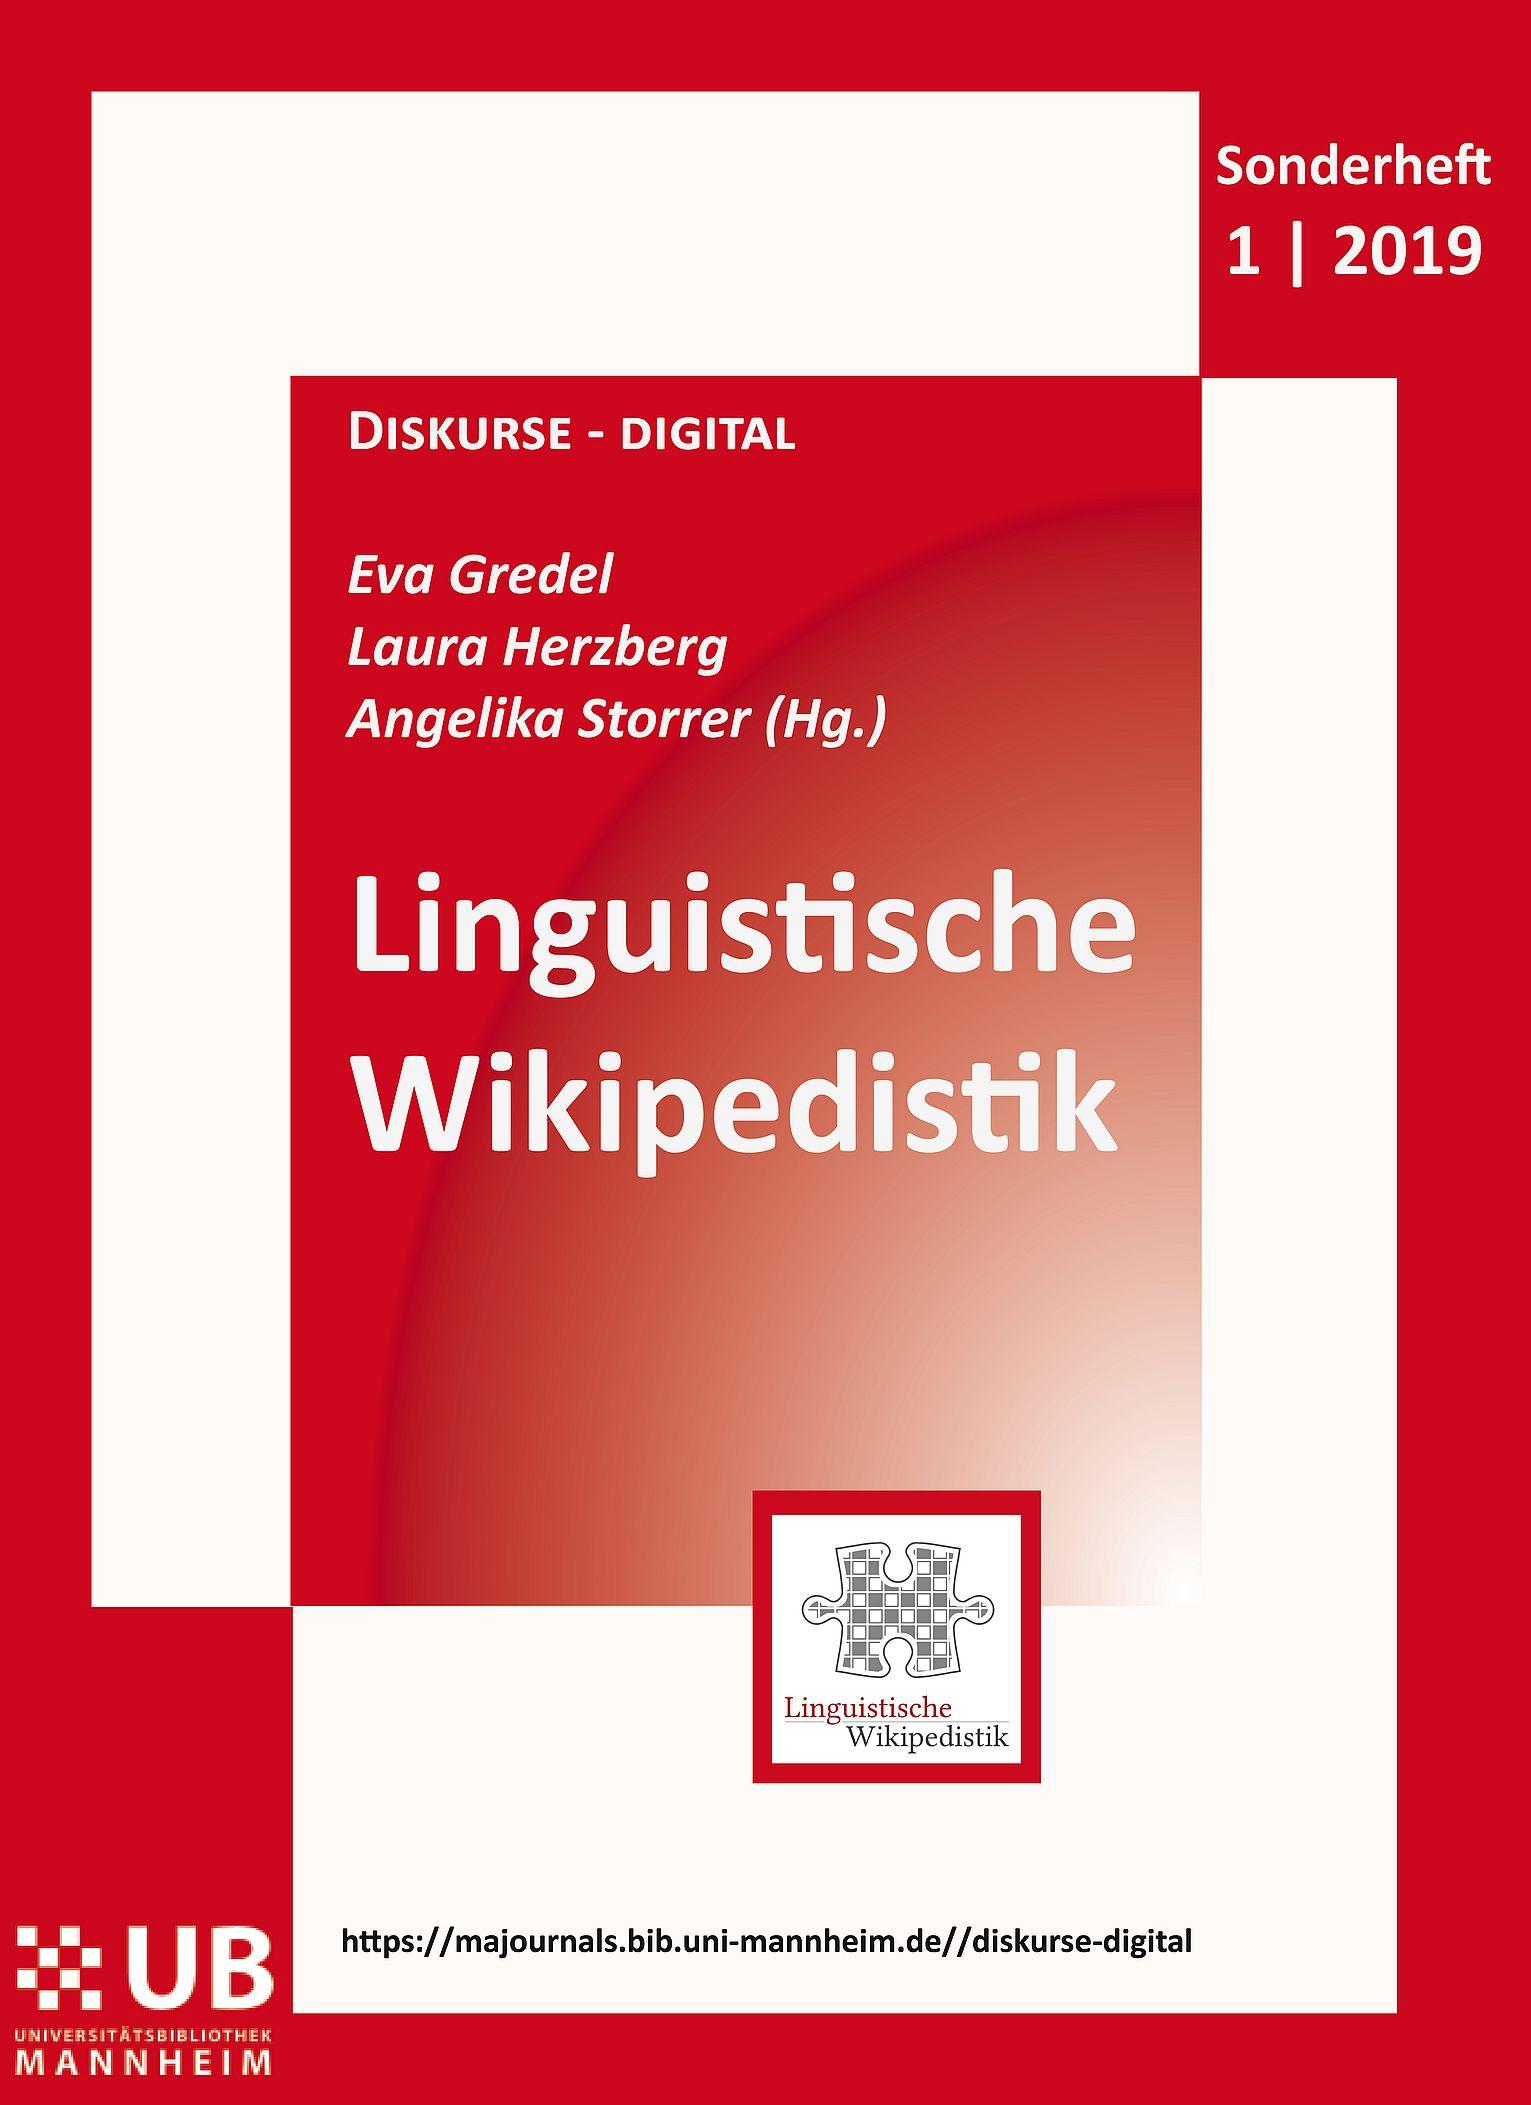 book Das Interpretative Paradigma: Eine Einführung 2012